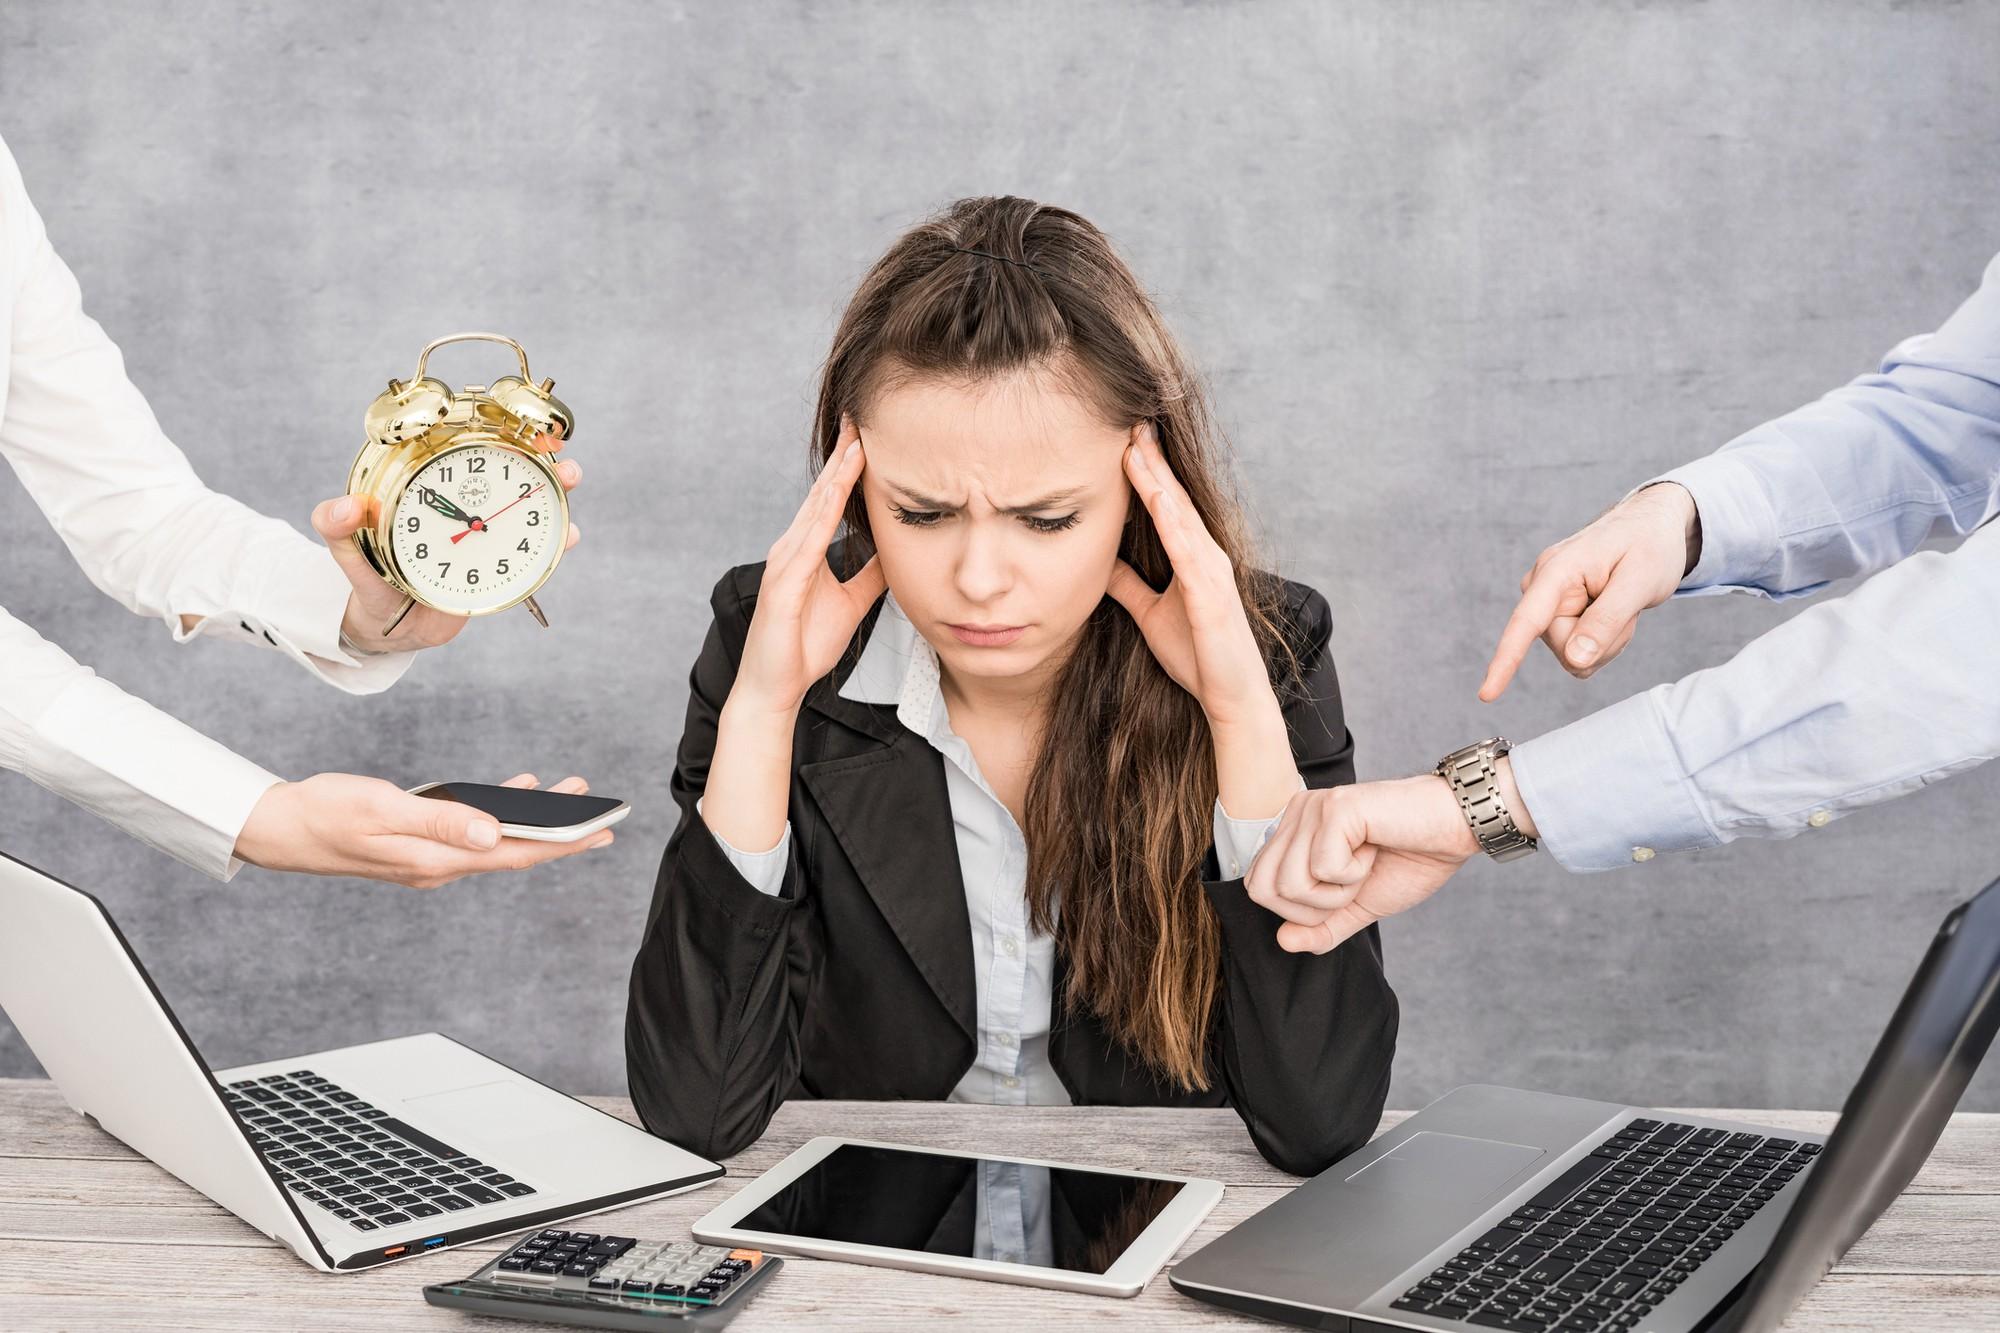 Mơ thấy những rắc rối trong công việc là điềm báo gì ?